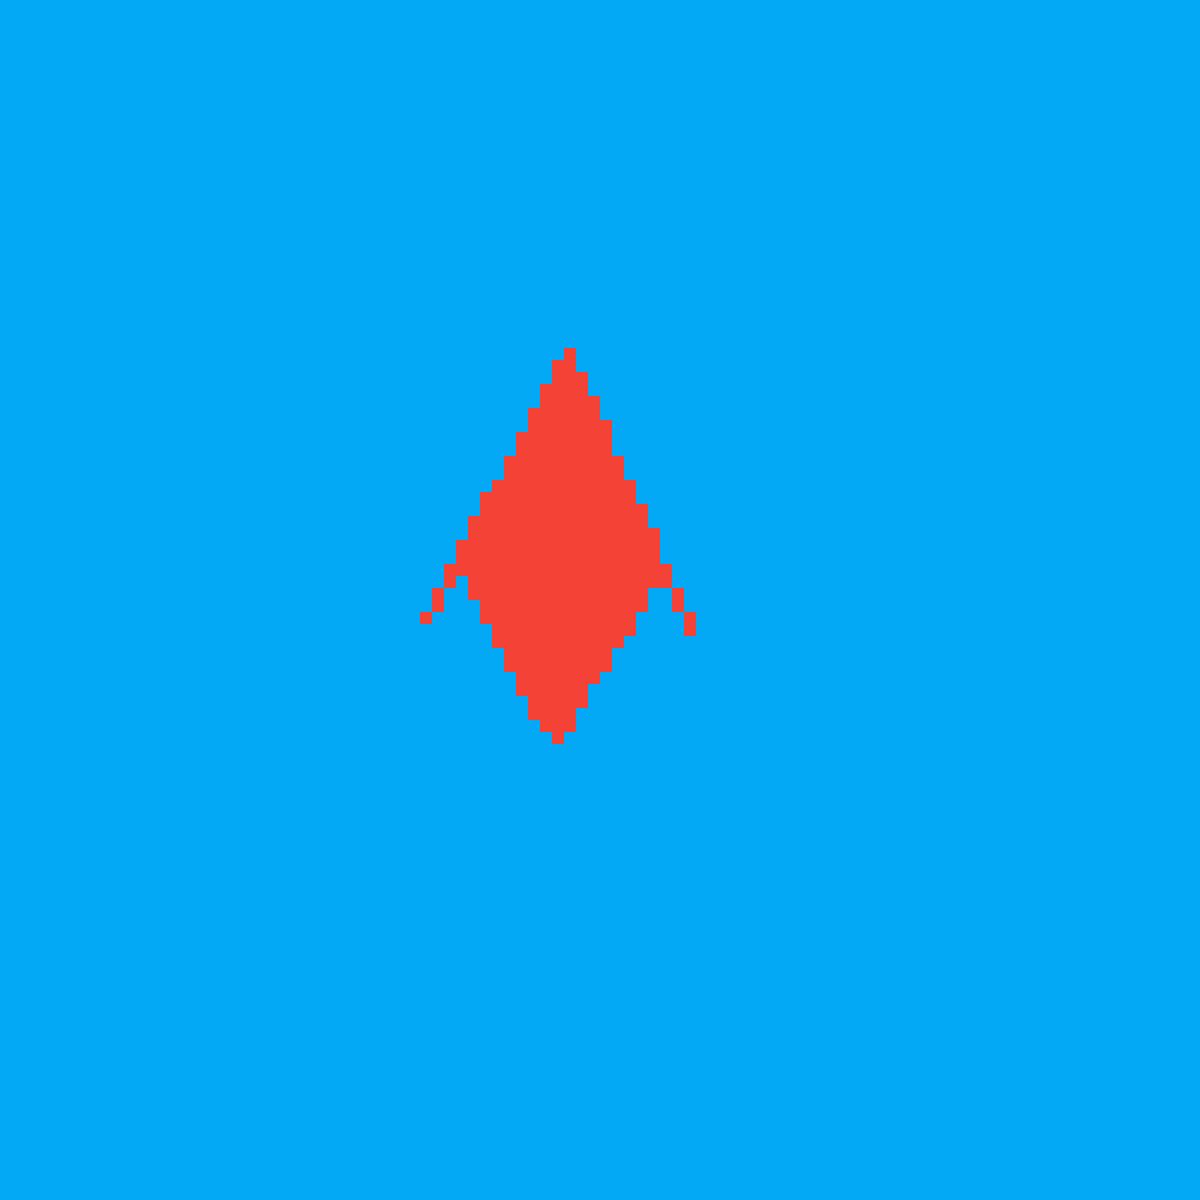 Akria flag by IamY0gletheYak